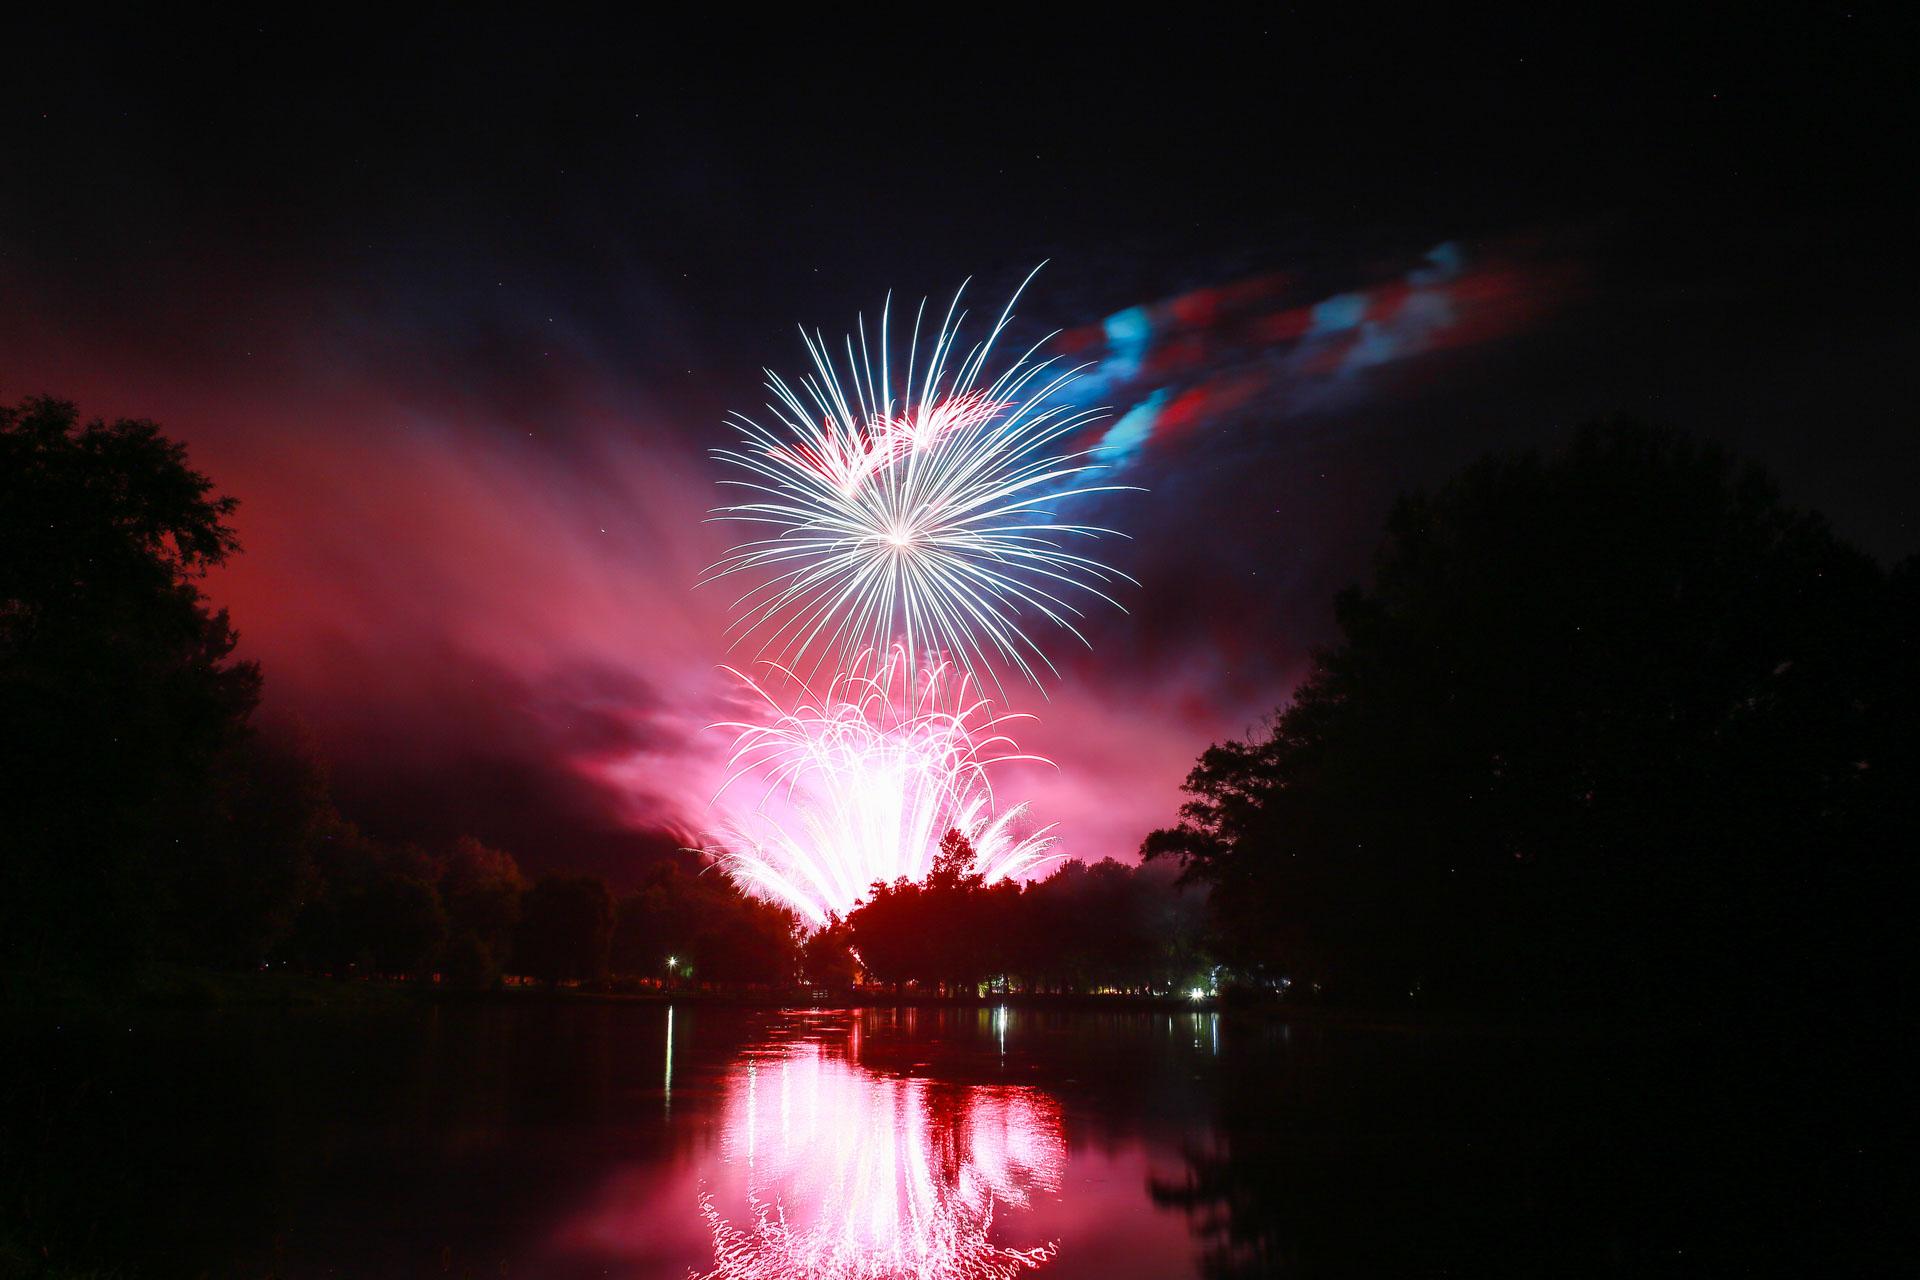 Augusztus 20-ai ünnepi programok - Kolorfesztivál 7.0 - 20.nap